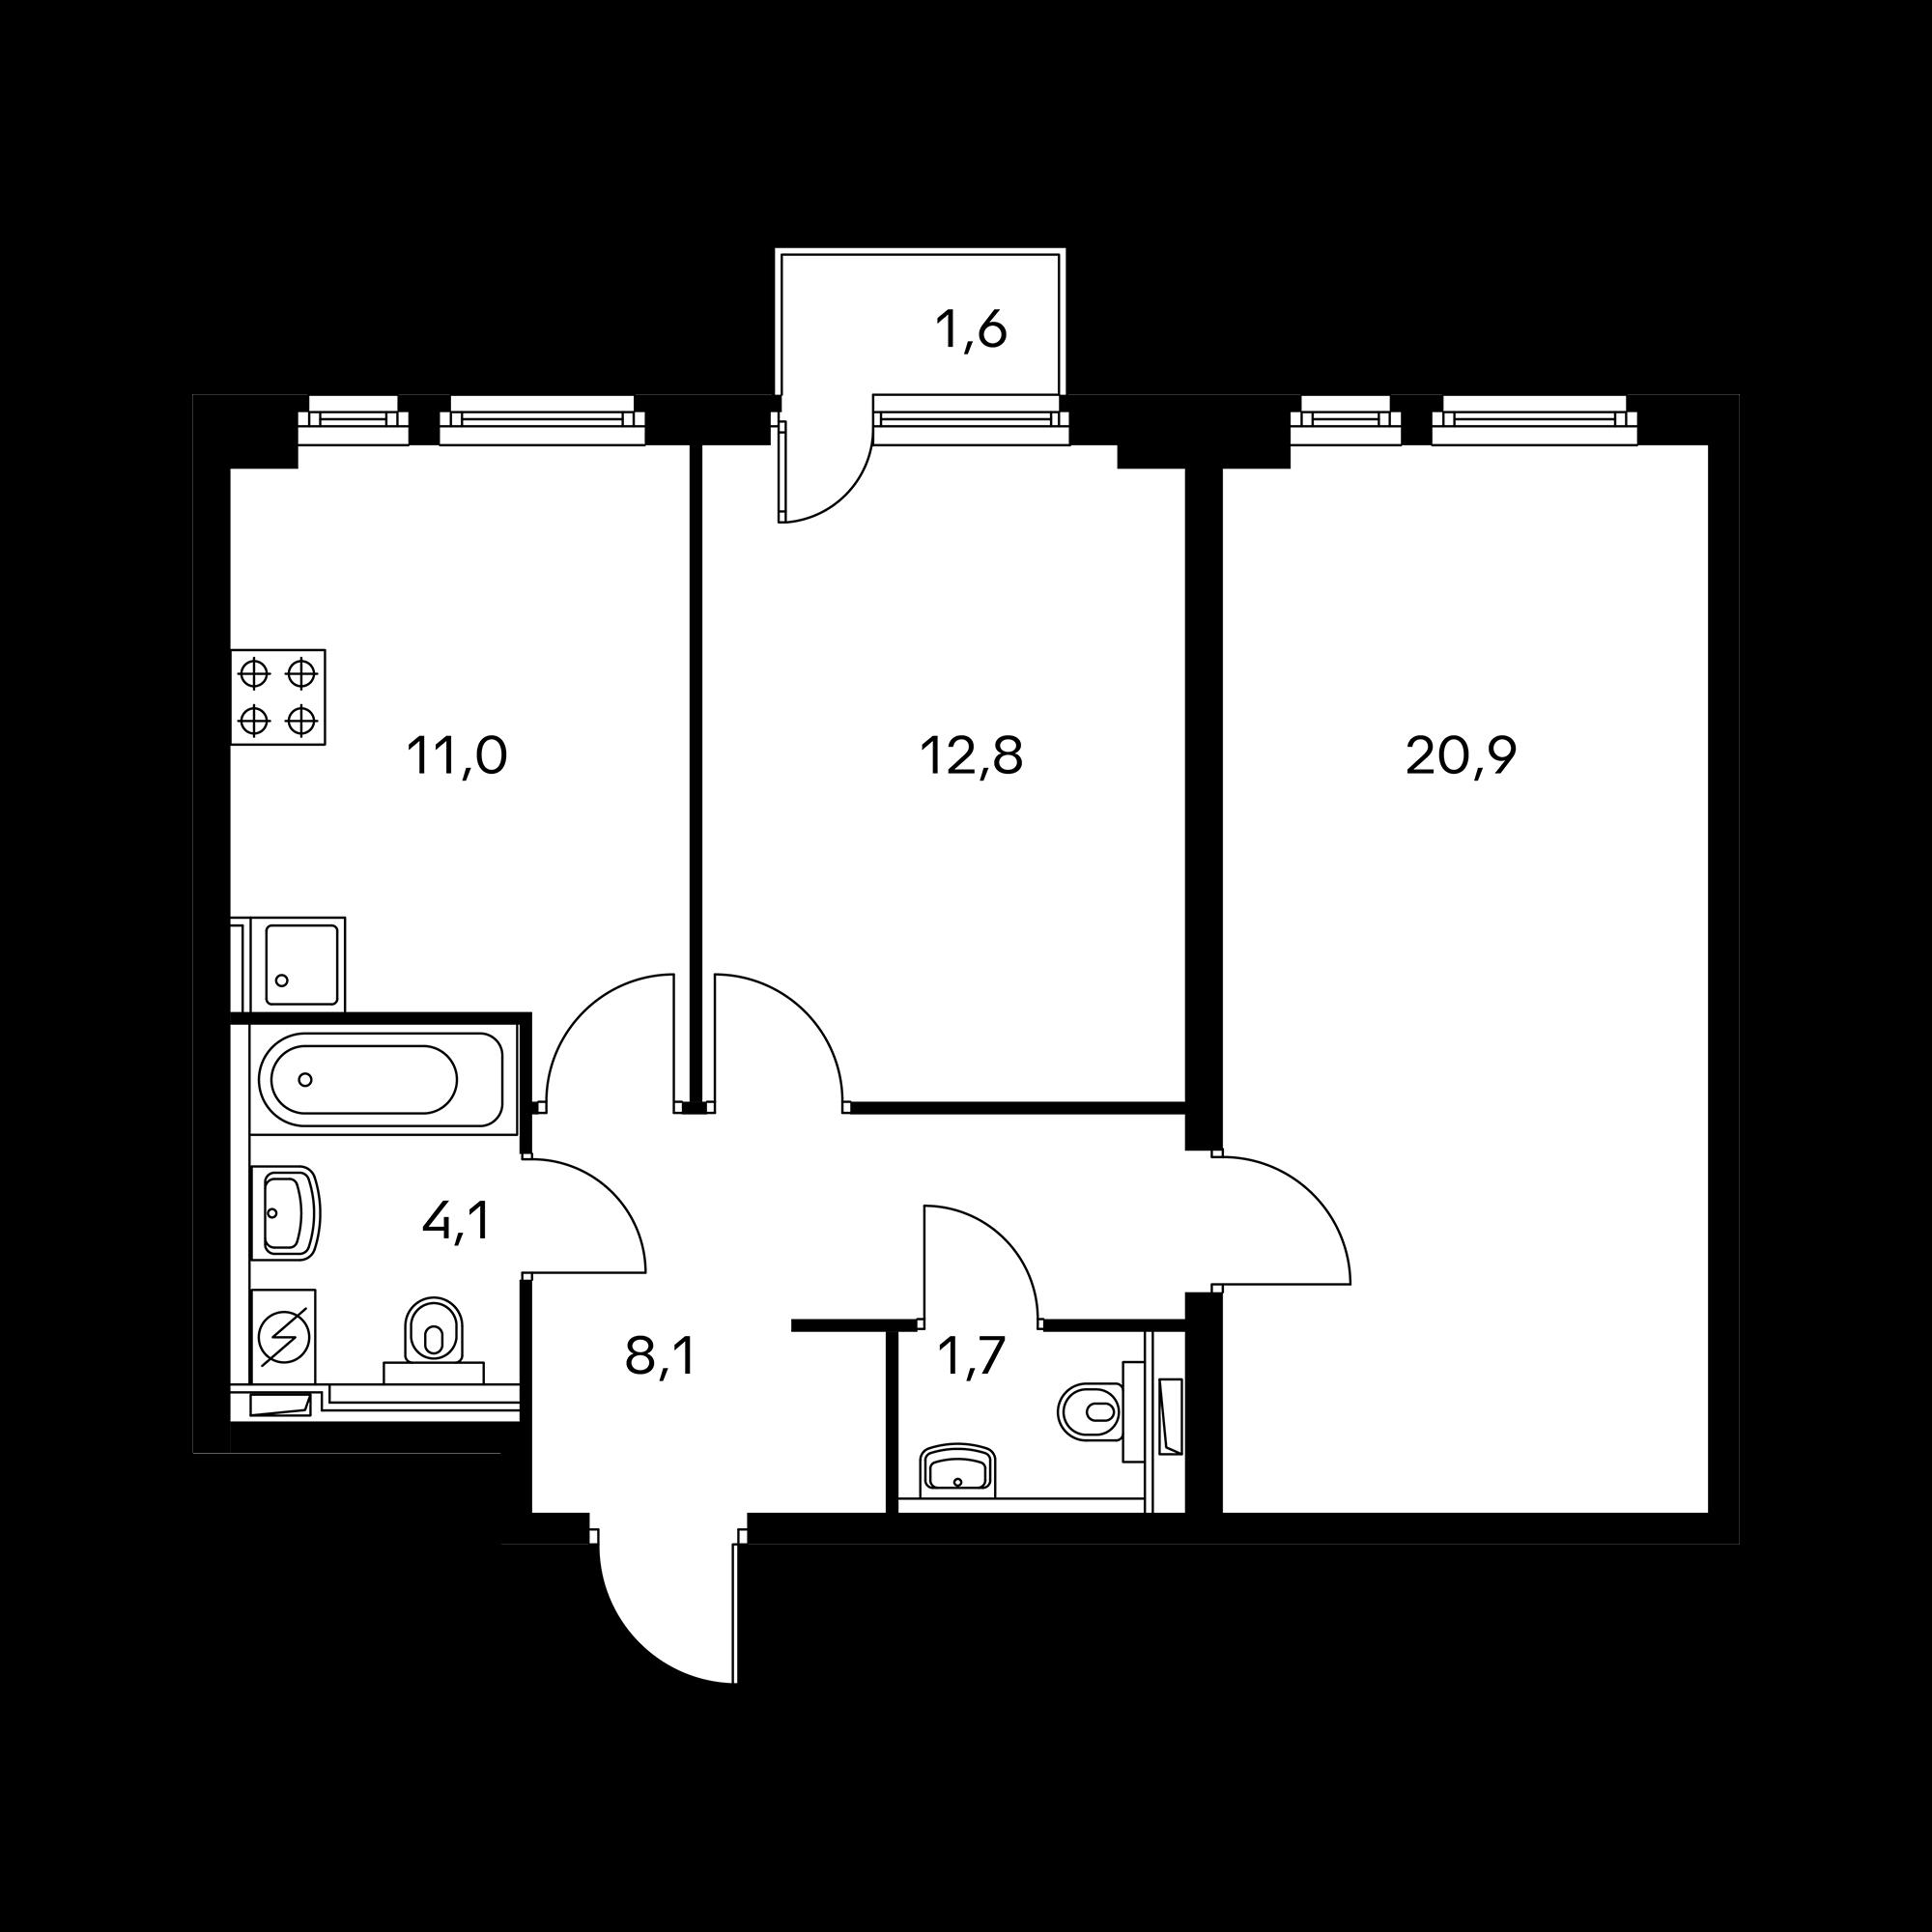 2KM6-9.6-1_S_Z_В